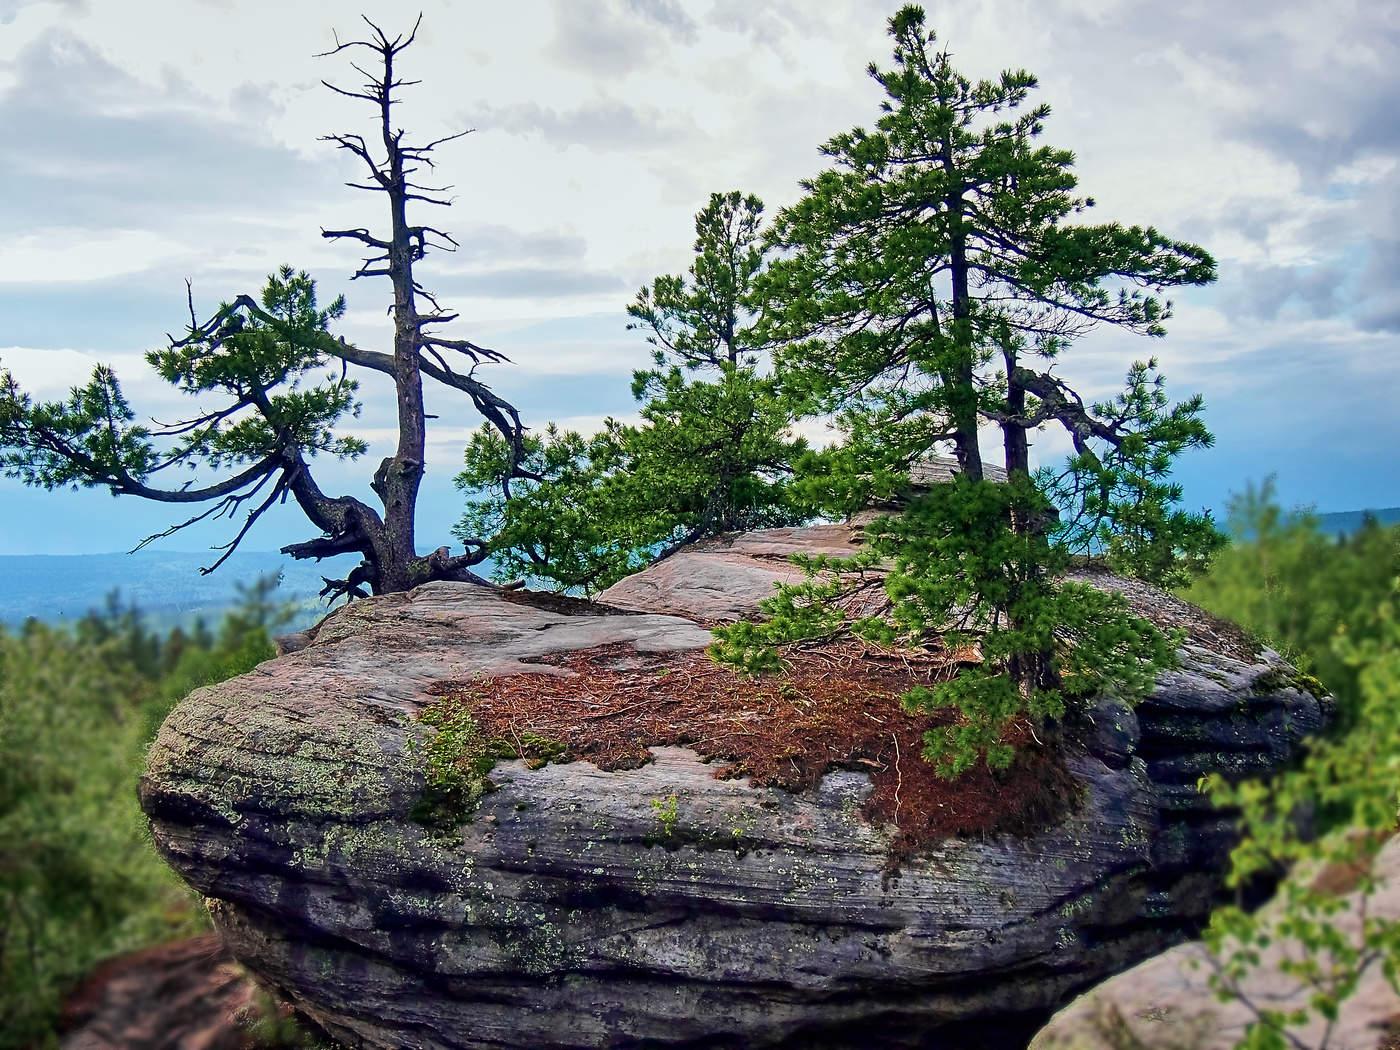 диор оказал дерево растущее в камне фото годы, что